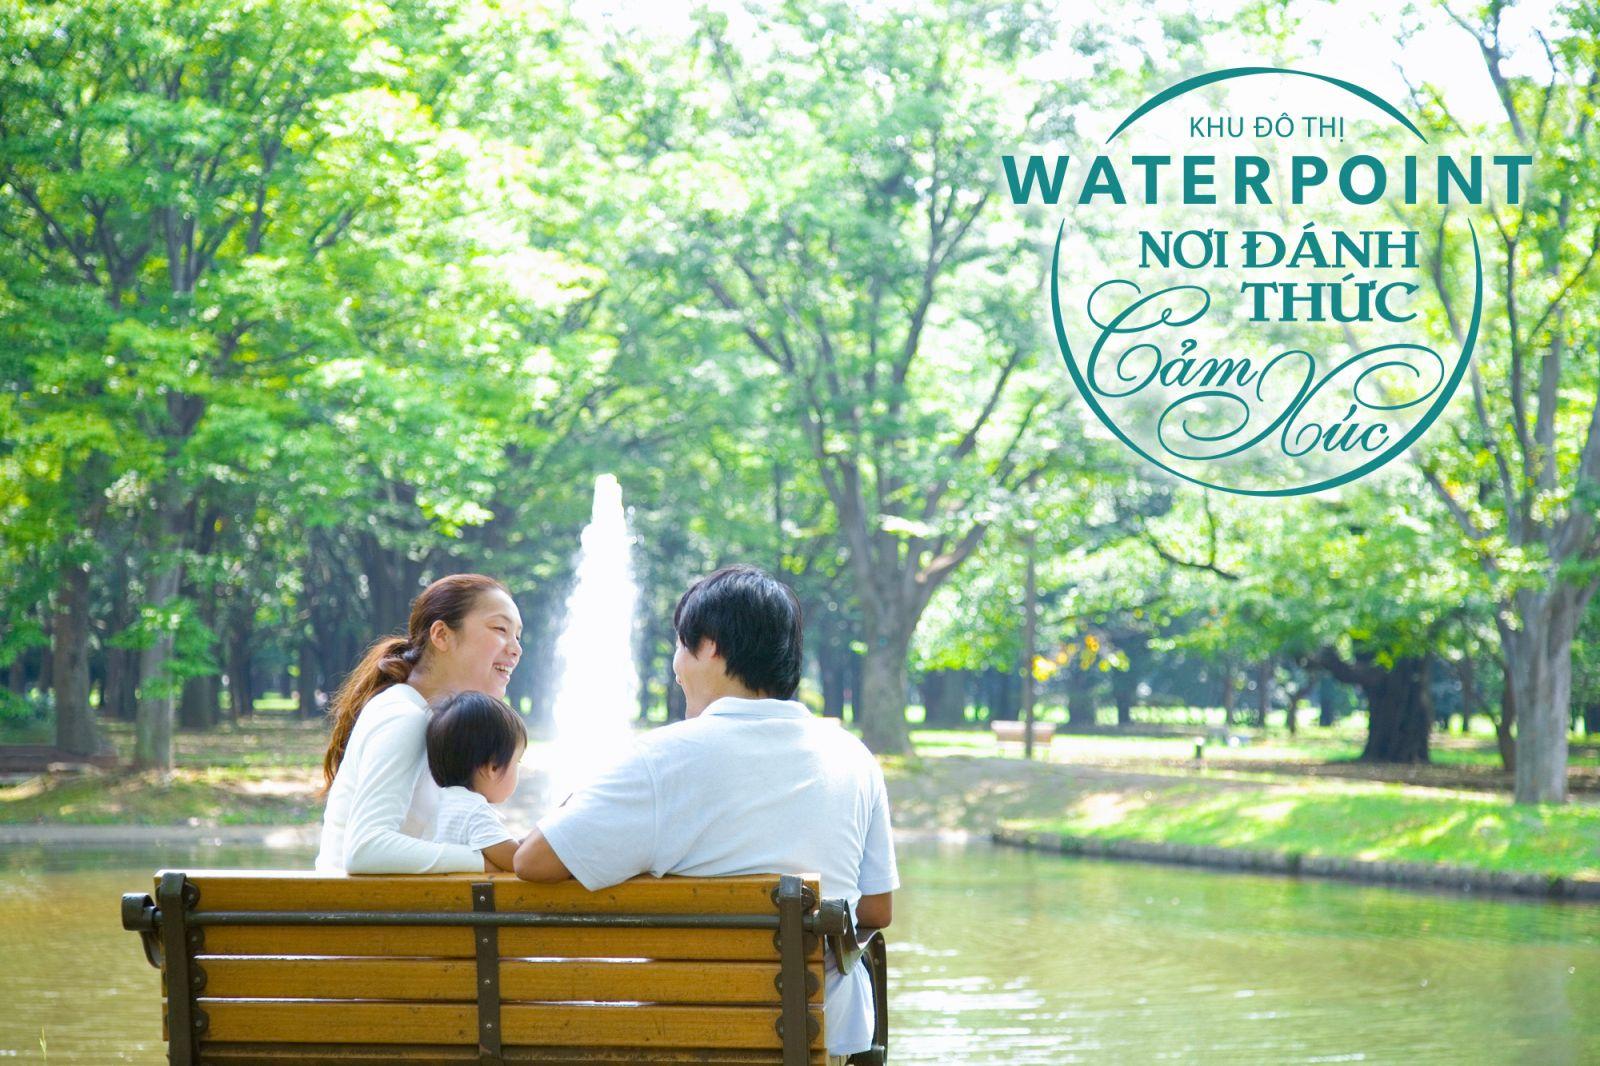 Waterpoint Nam Long - Ở nơi yên bình đến kỳ lạ